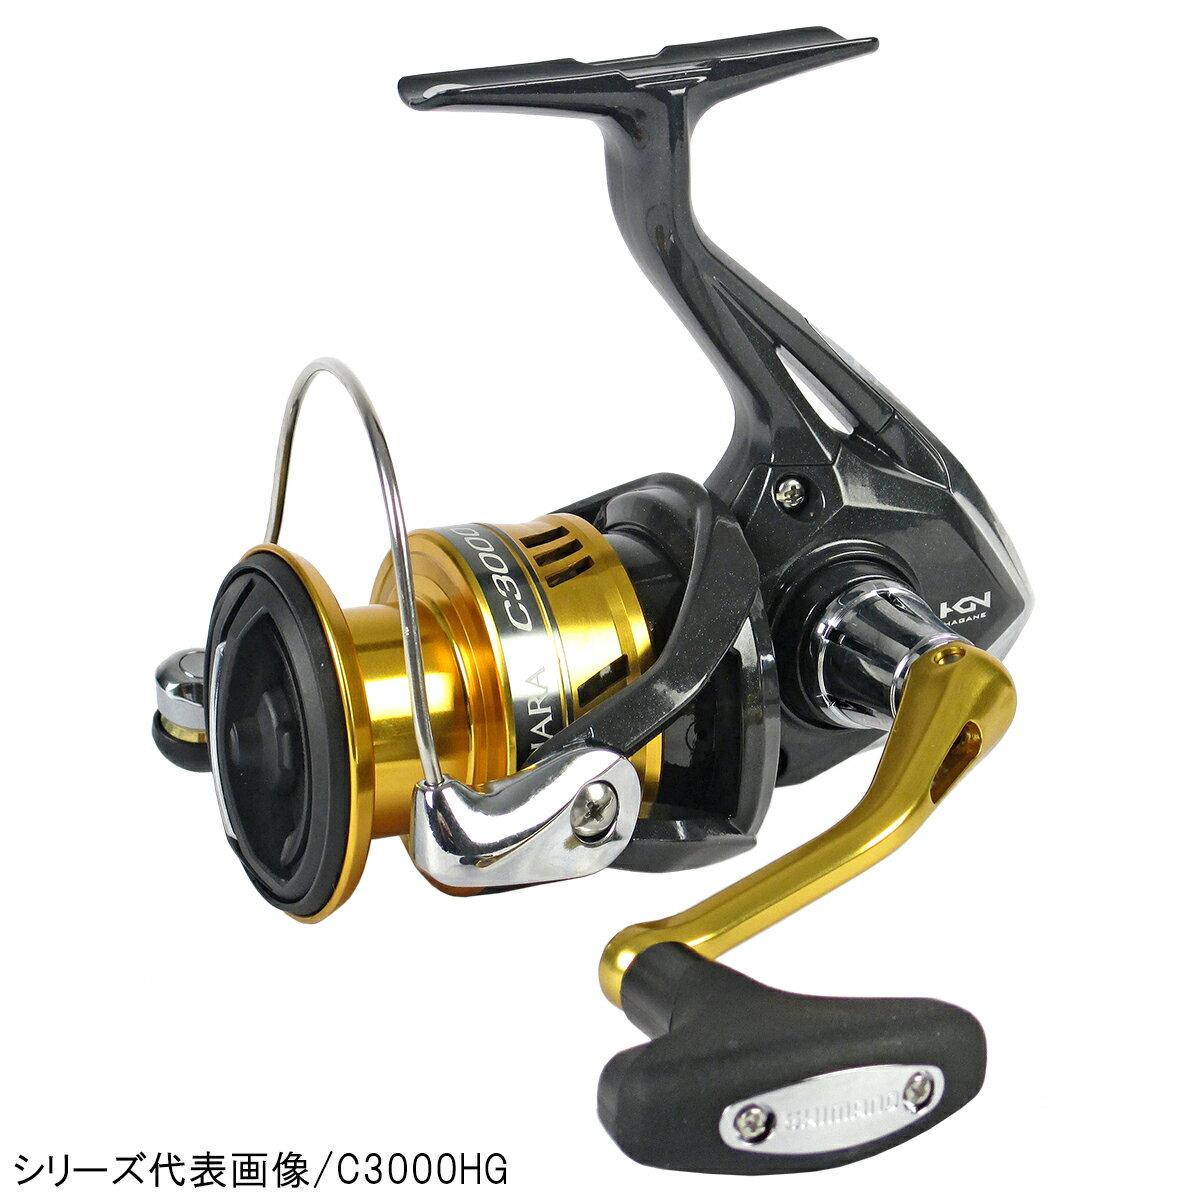 シマノ サハラ 4000XG